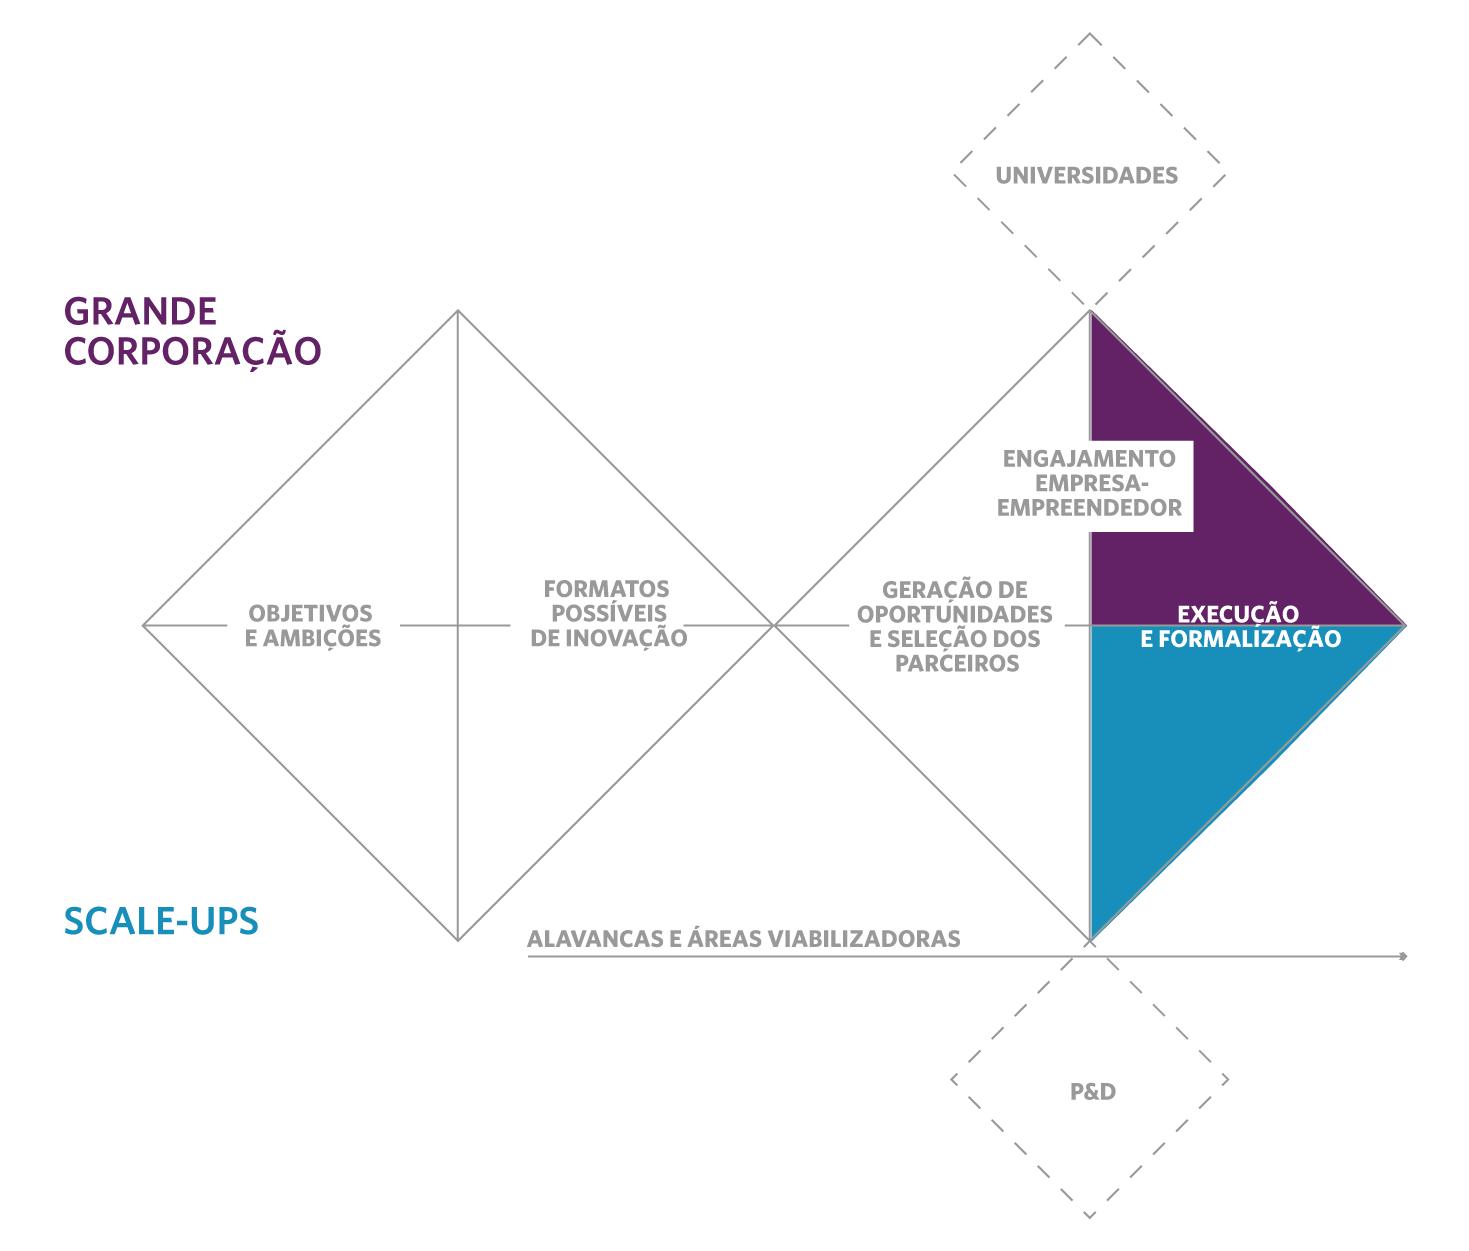 Execução e formalização da parceria